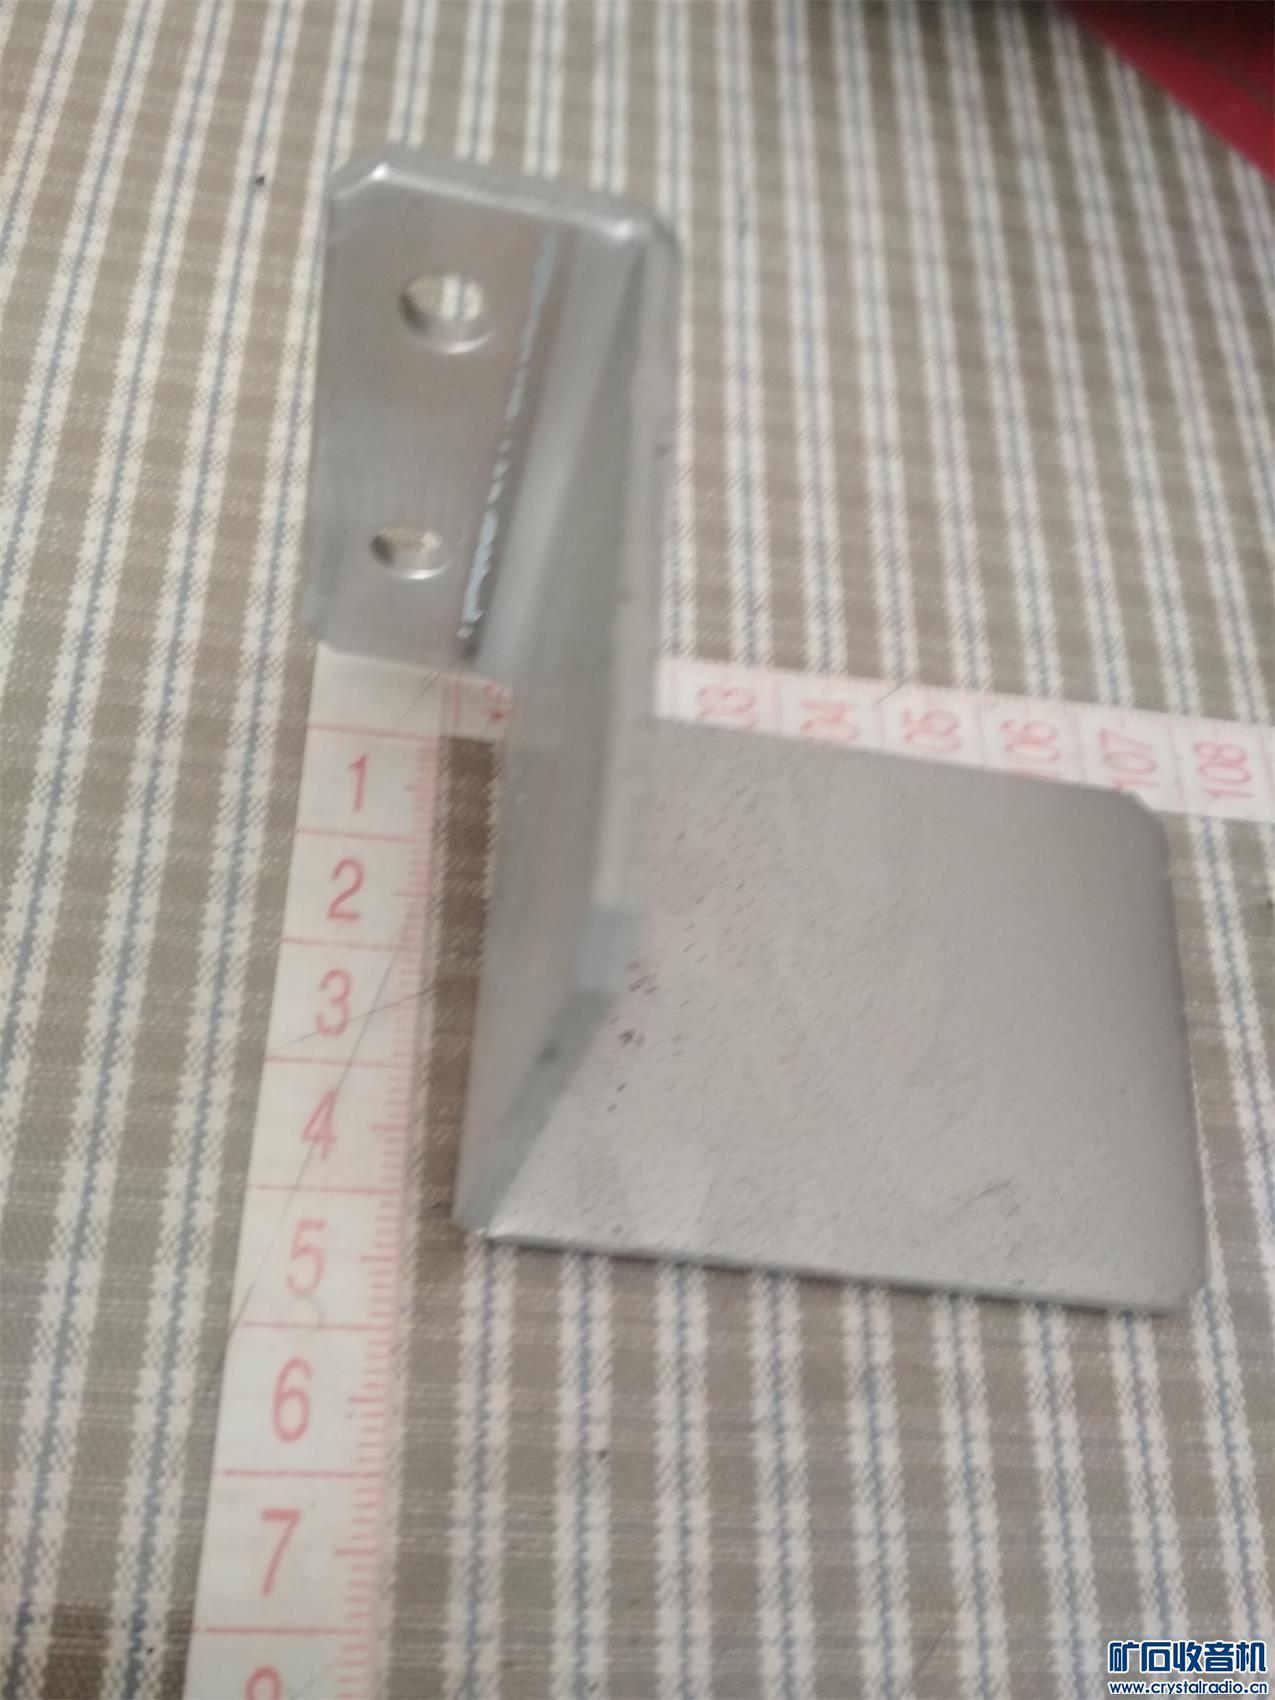 4056号日本设备连接件2元 (1).jpg